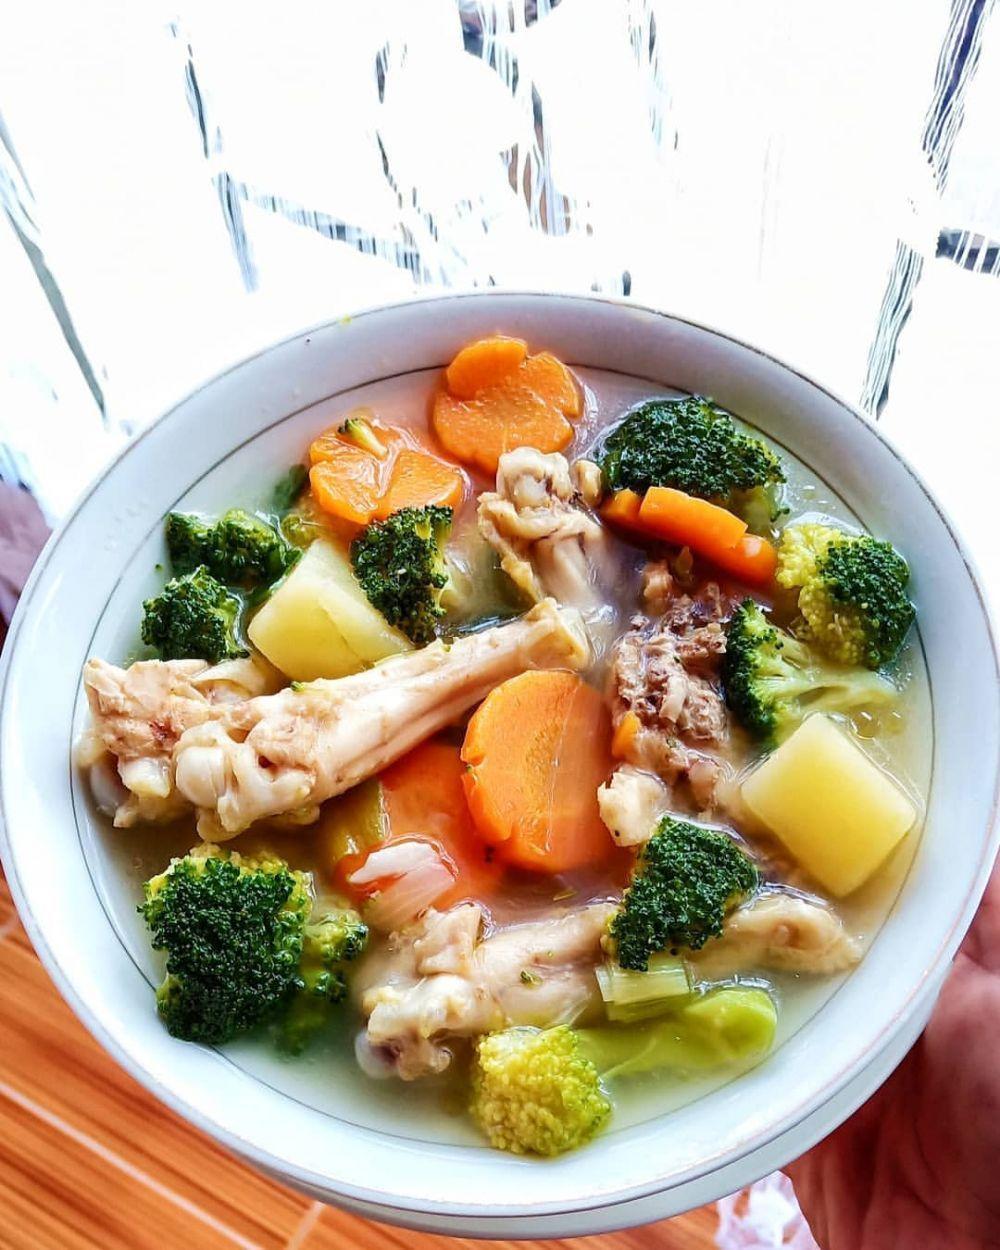 Resep Puasa Diet Sehat Instagram Di 2020 Makanan Diet Oregano